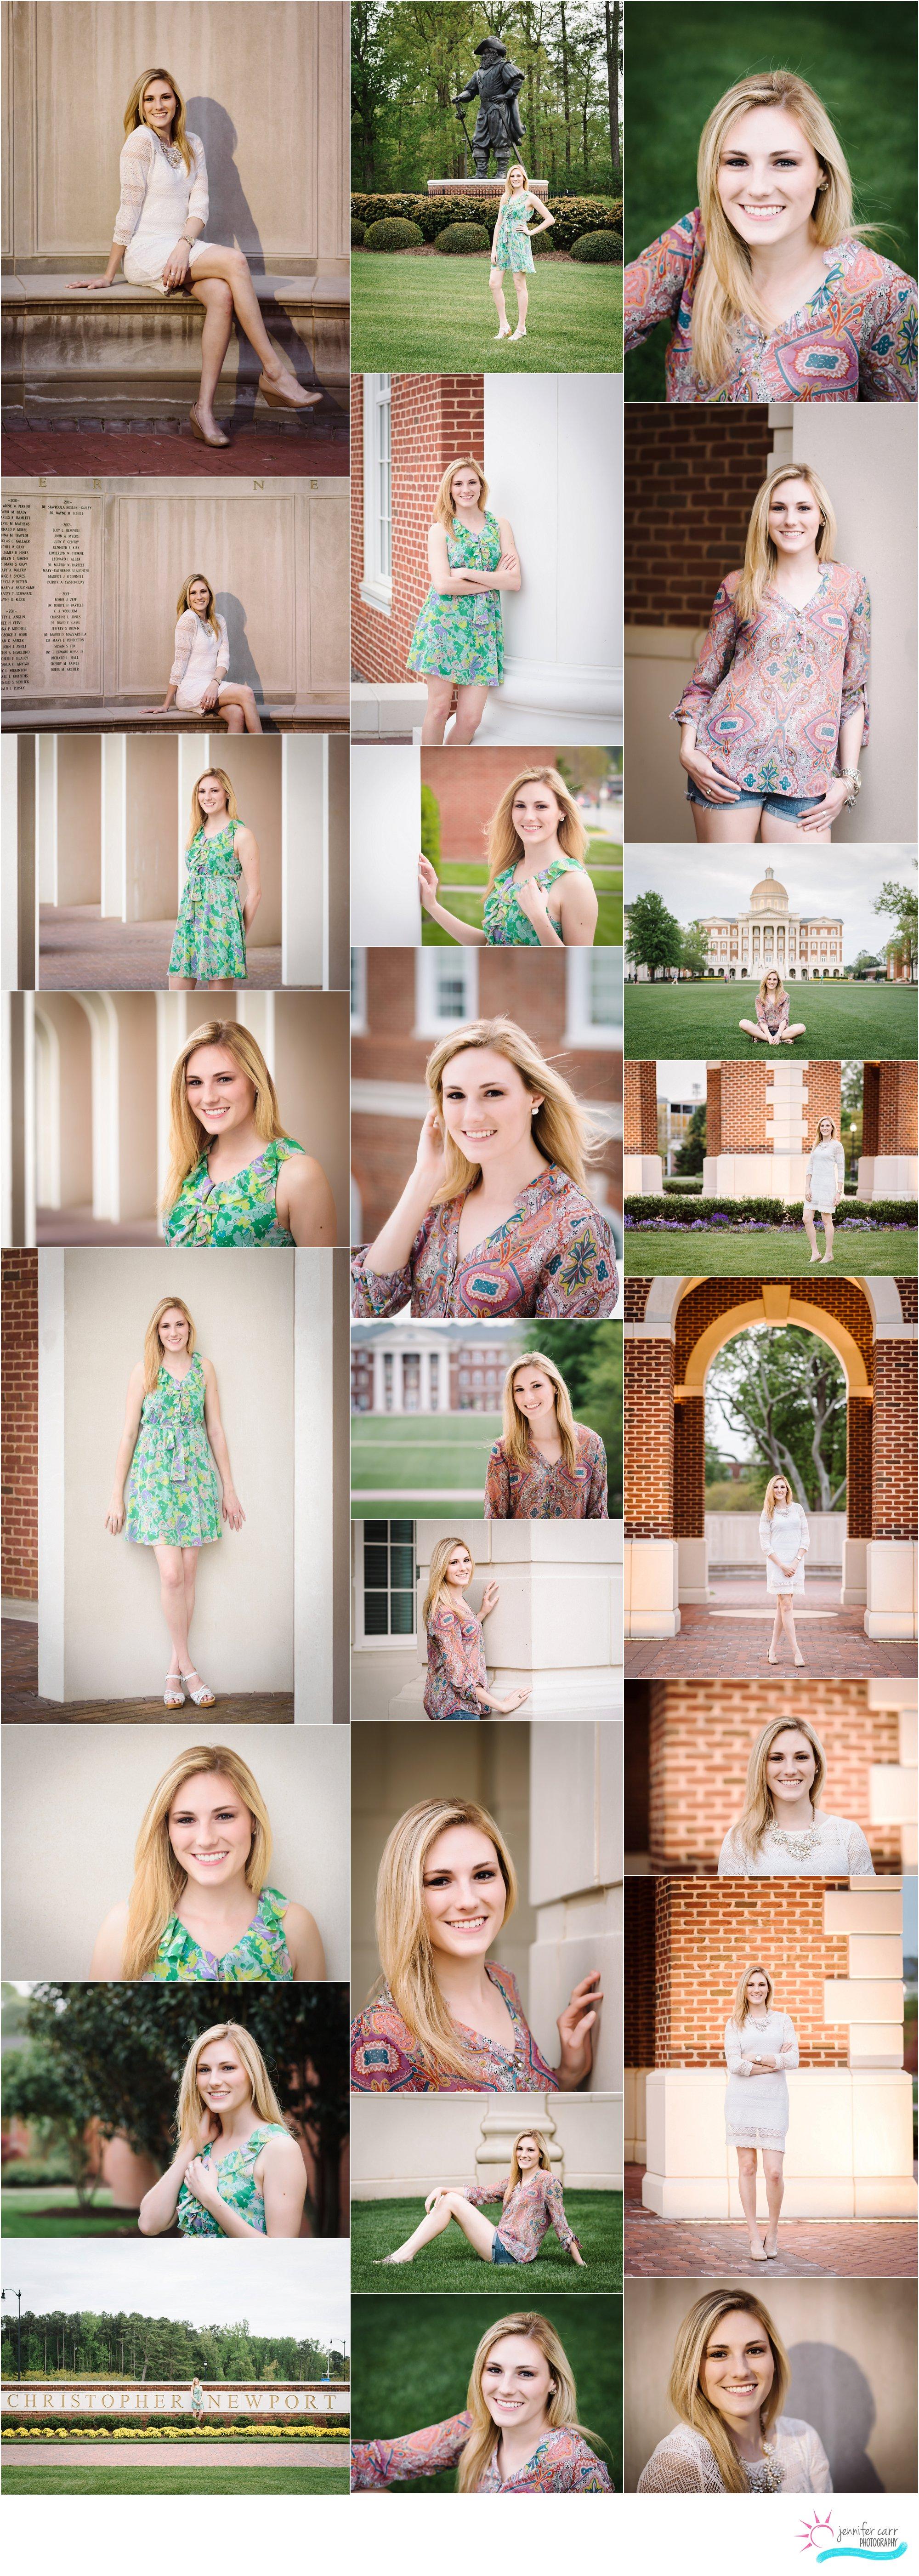 高级肖像,大学摄影,克里斯托弗·纽波特大学高级照片,汉普顿路高级肖像摄影师,弗吉尼亚海滩摄影师